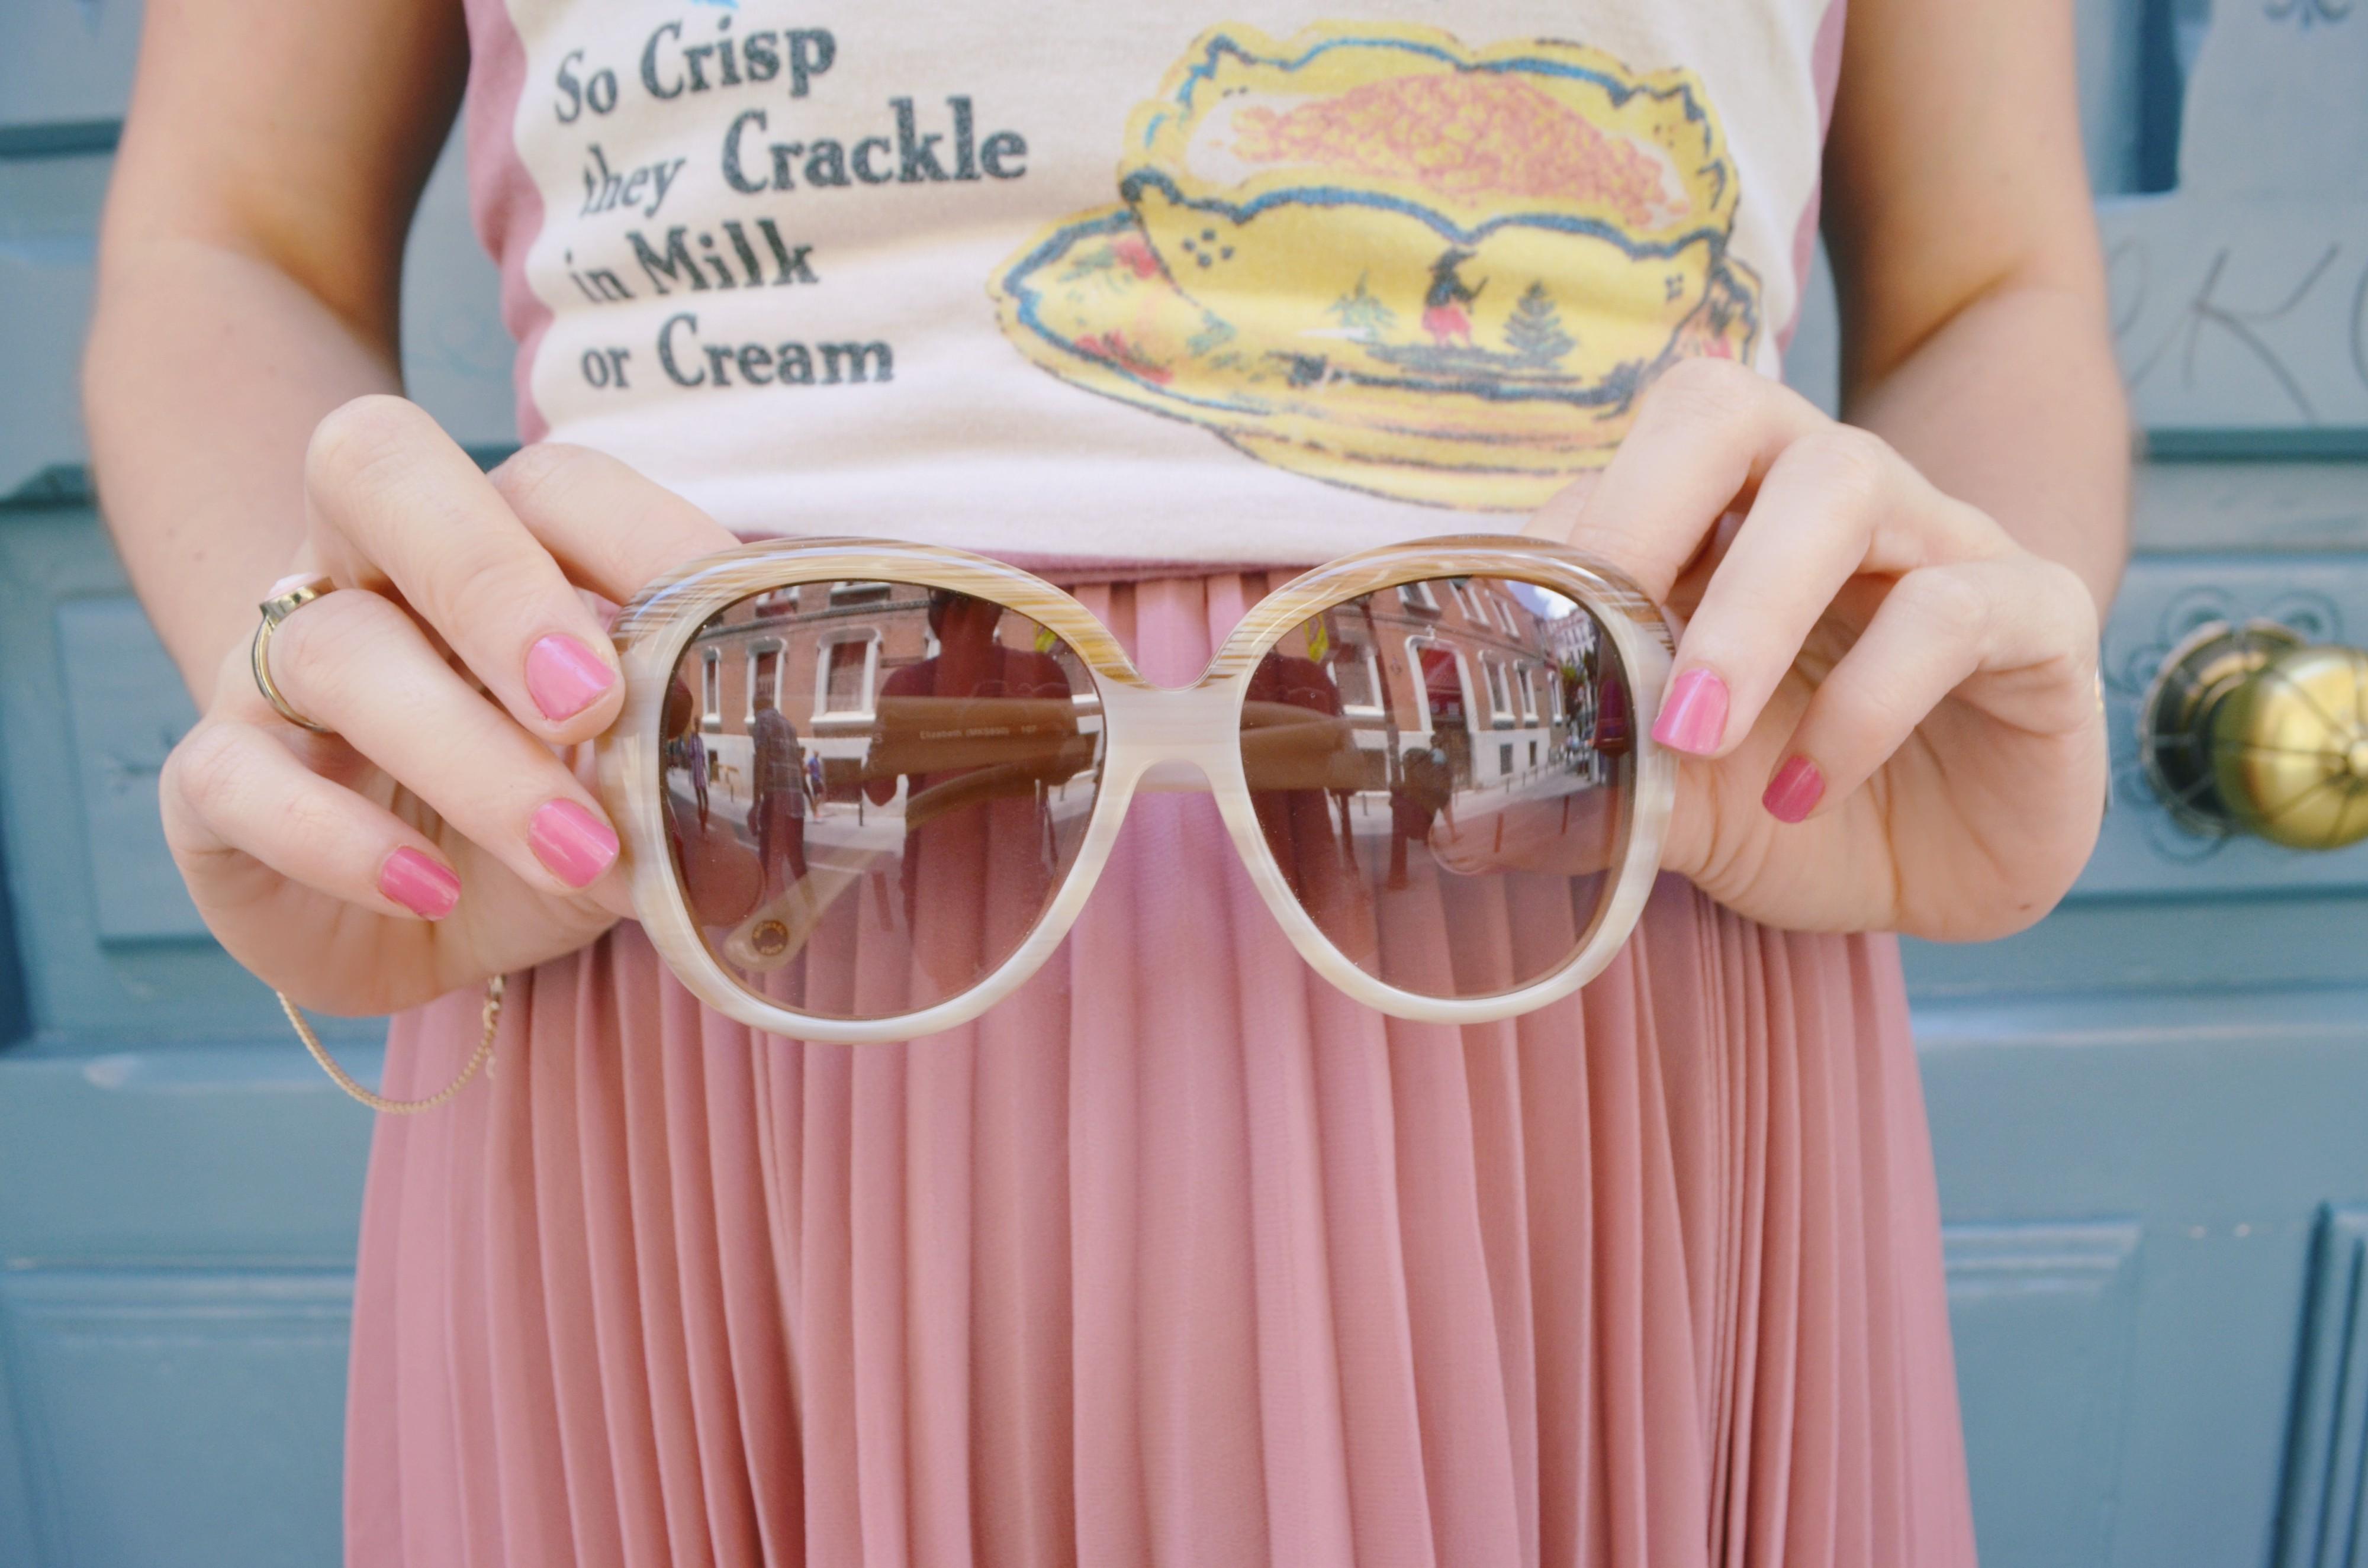 Michael-Kors-sunglasses-gafas-de-sol-verano-2016-fashionista-ChicAdicta-Chic-Adicta-Faldas-plisadas-look-rosa-cuarzo-PiensaenChic-Piensa-en-Chic